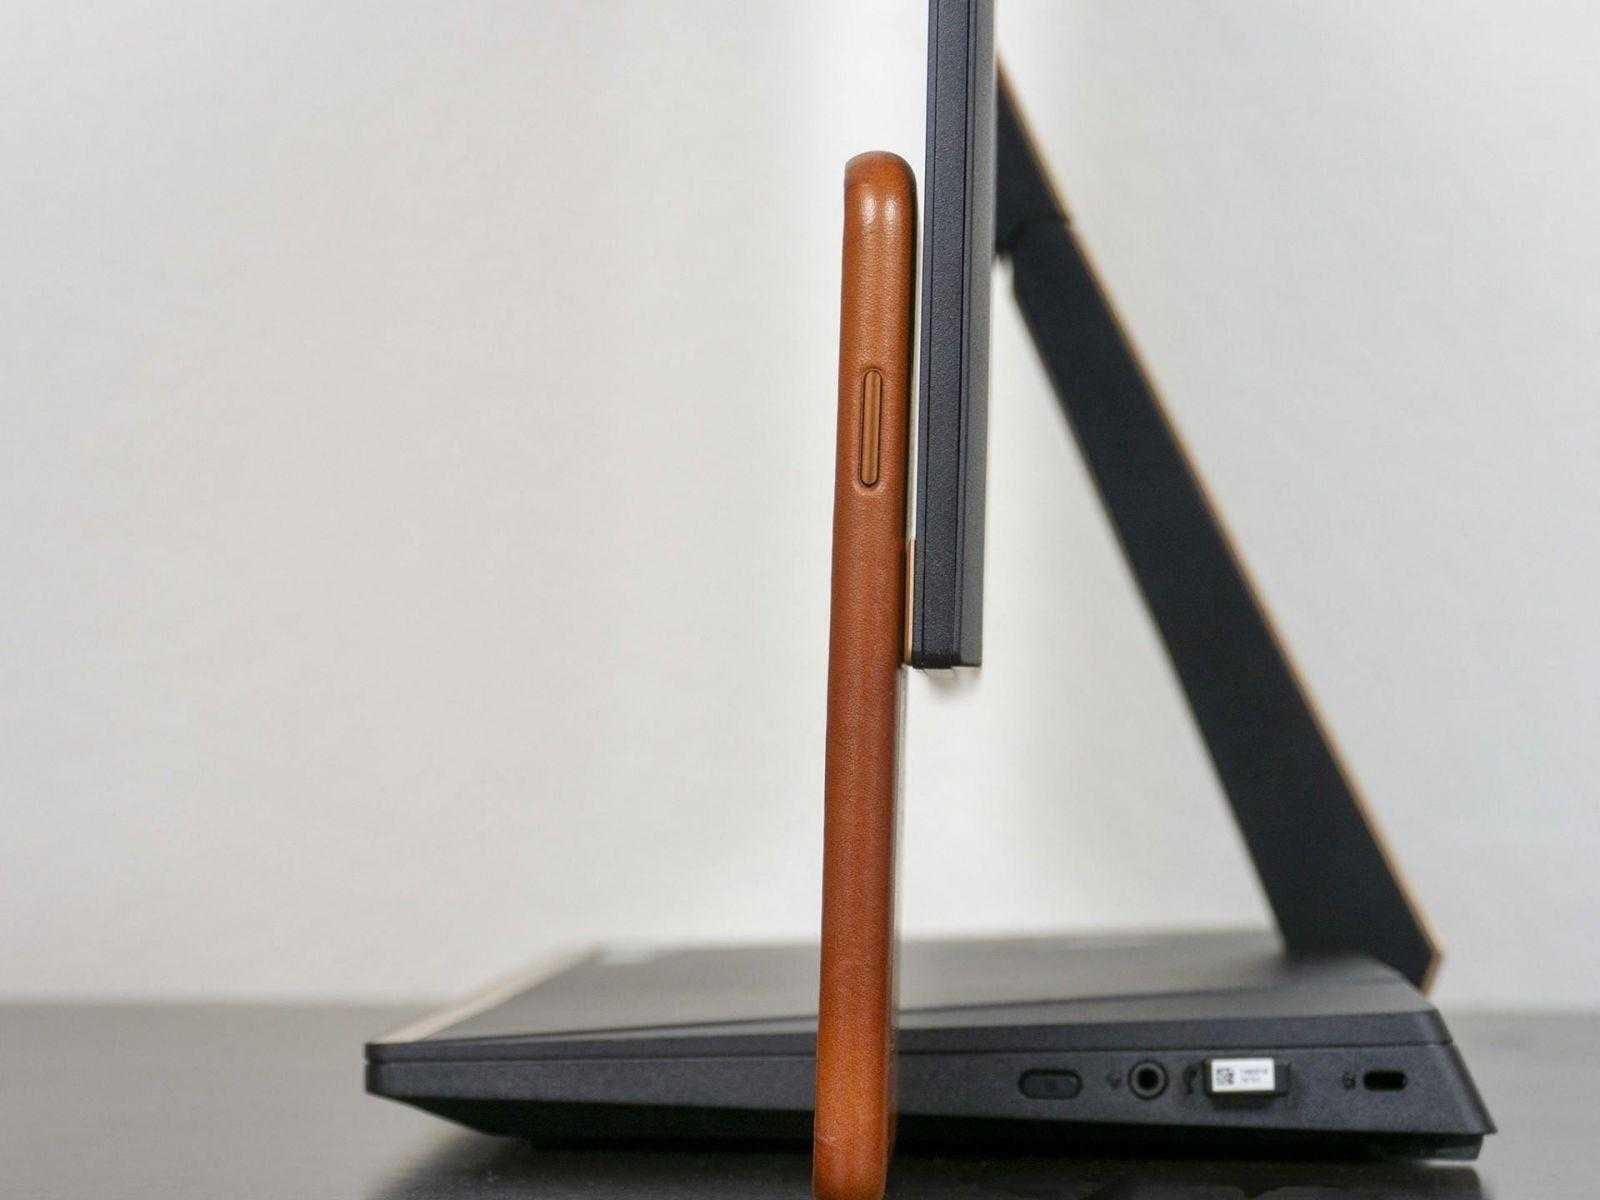 Стильный компьютер. Обзор ультратонкого моноблока Acer Aspire S24-880 (p1780028)